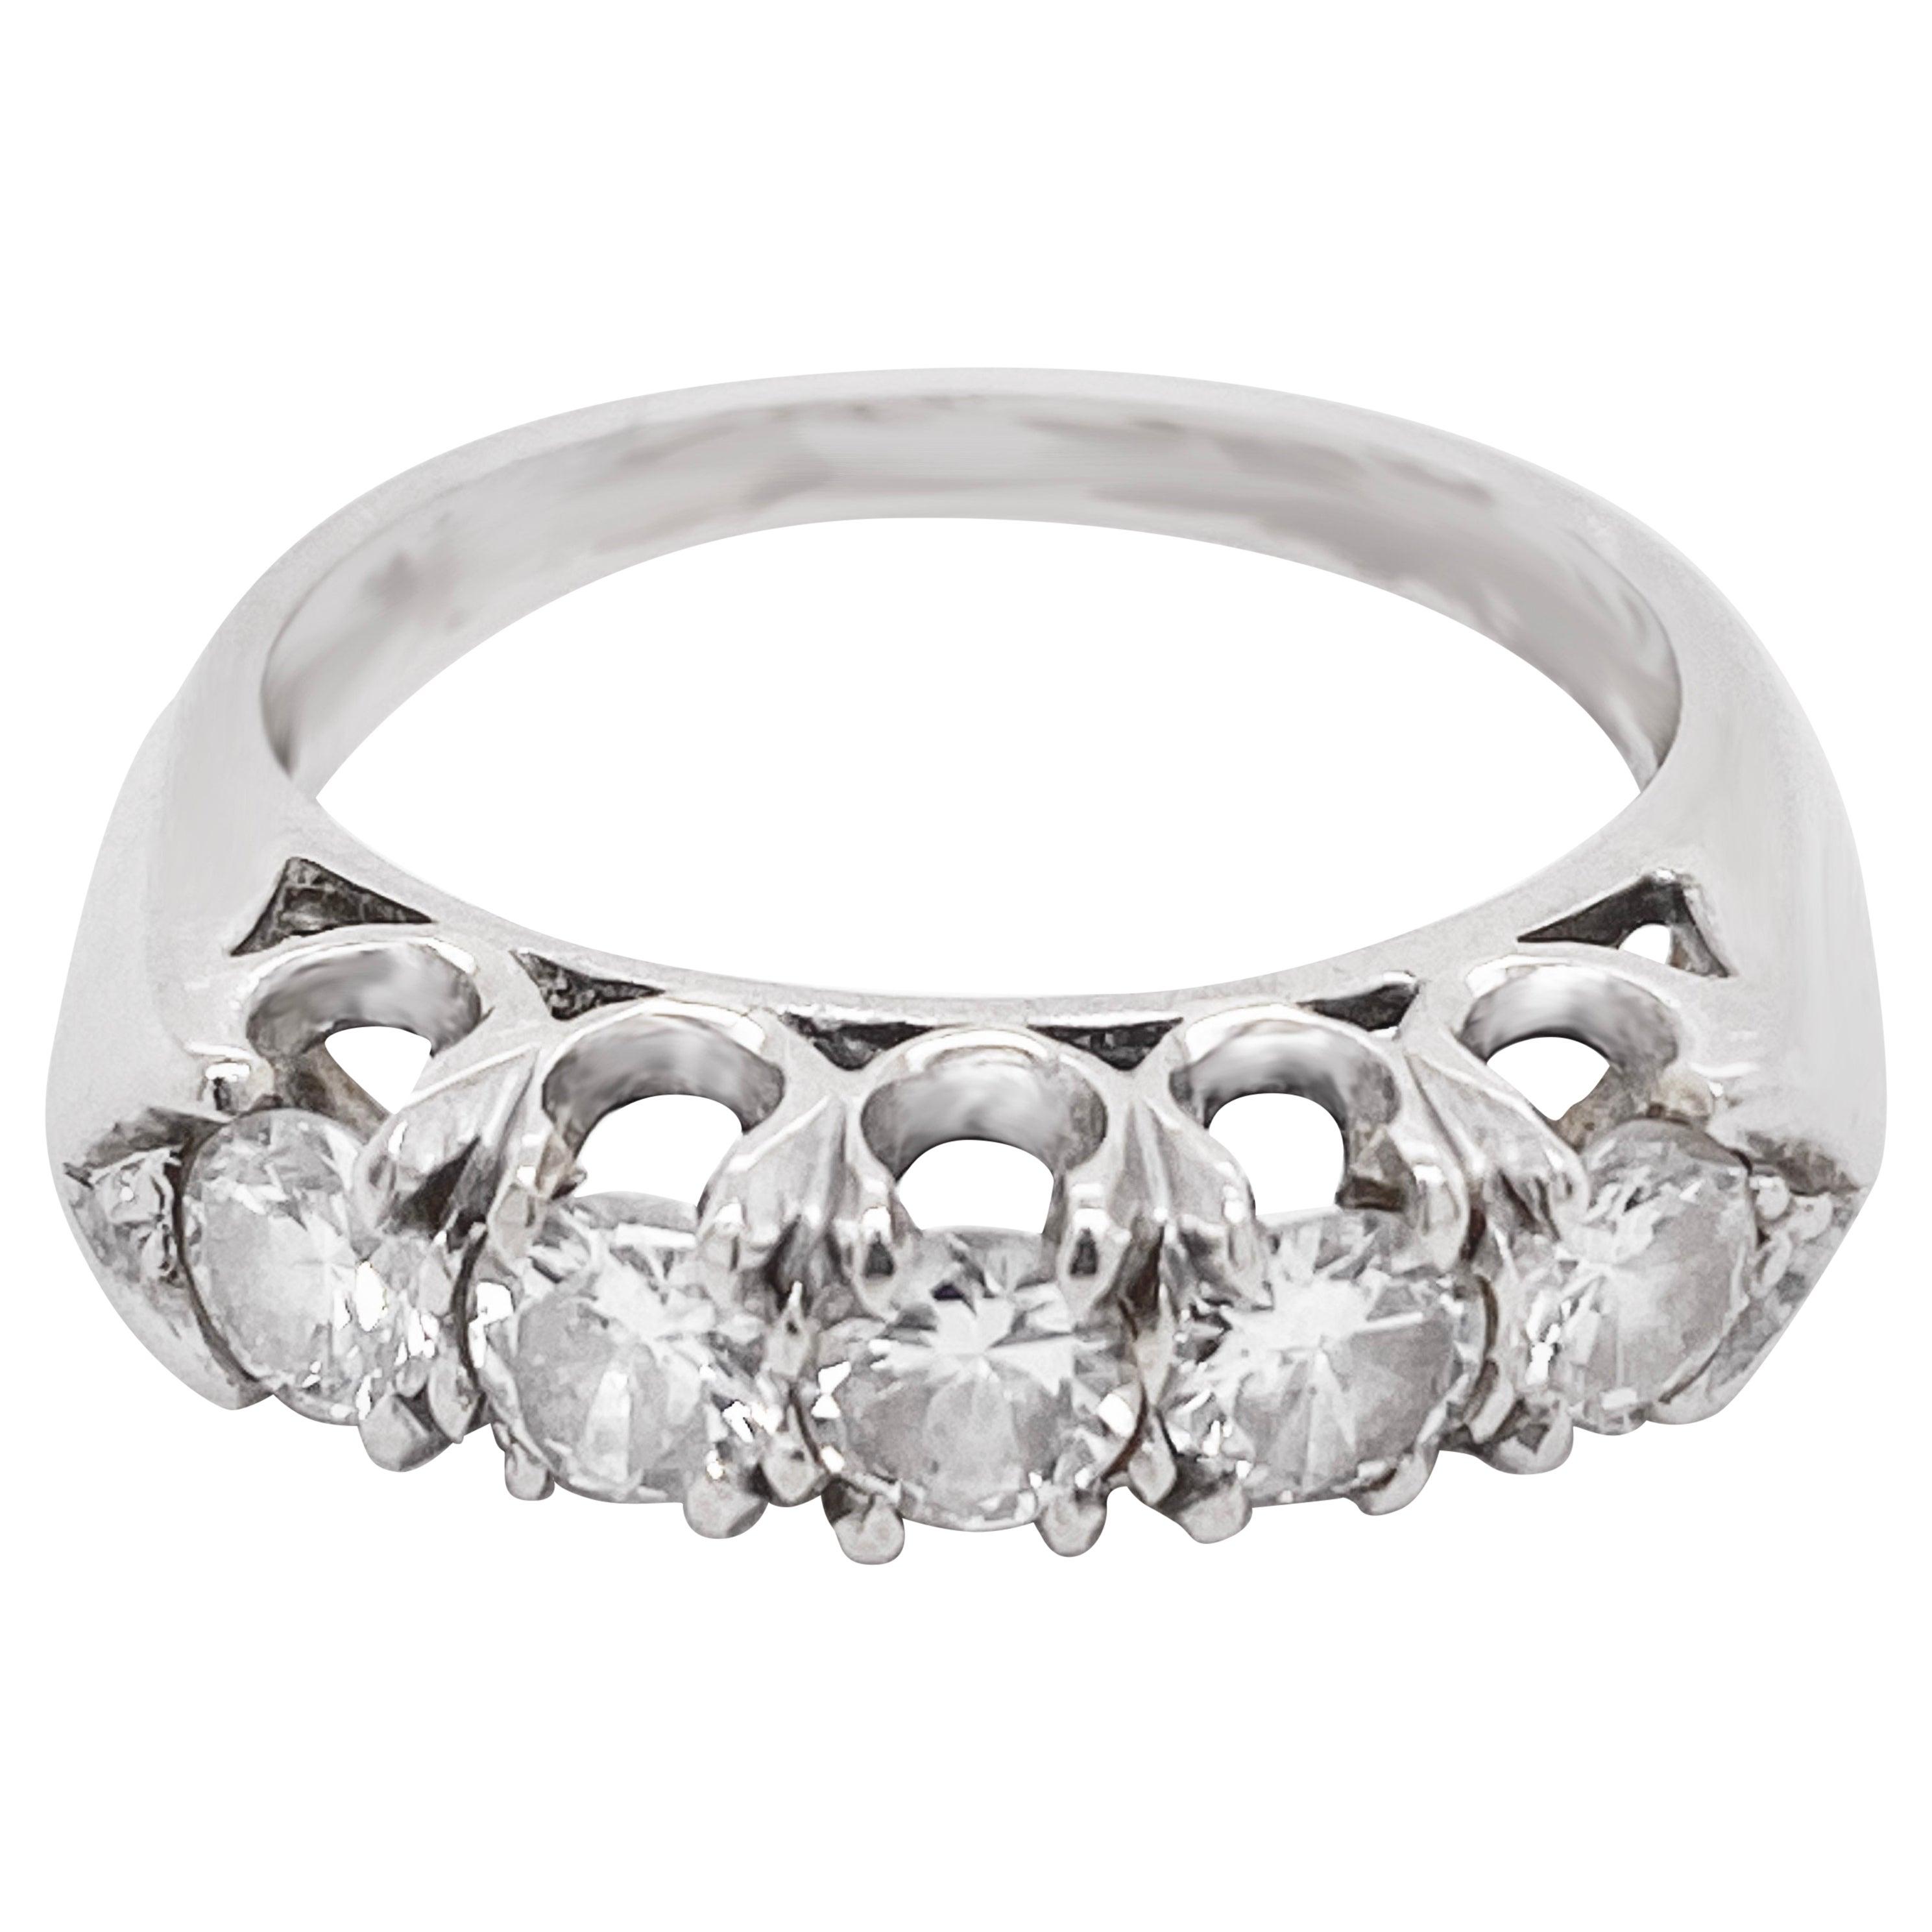 Diamond Band Ring, 14 Karat White Gold, Wedding, Fashion